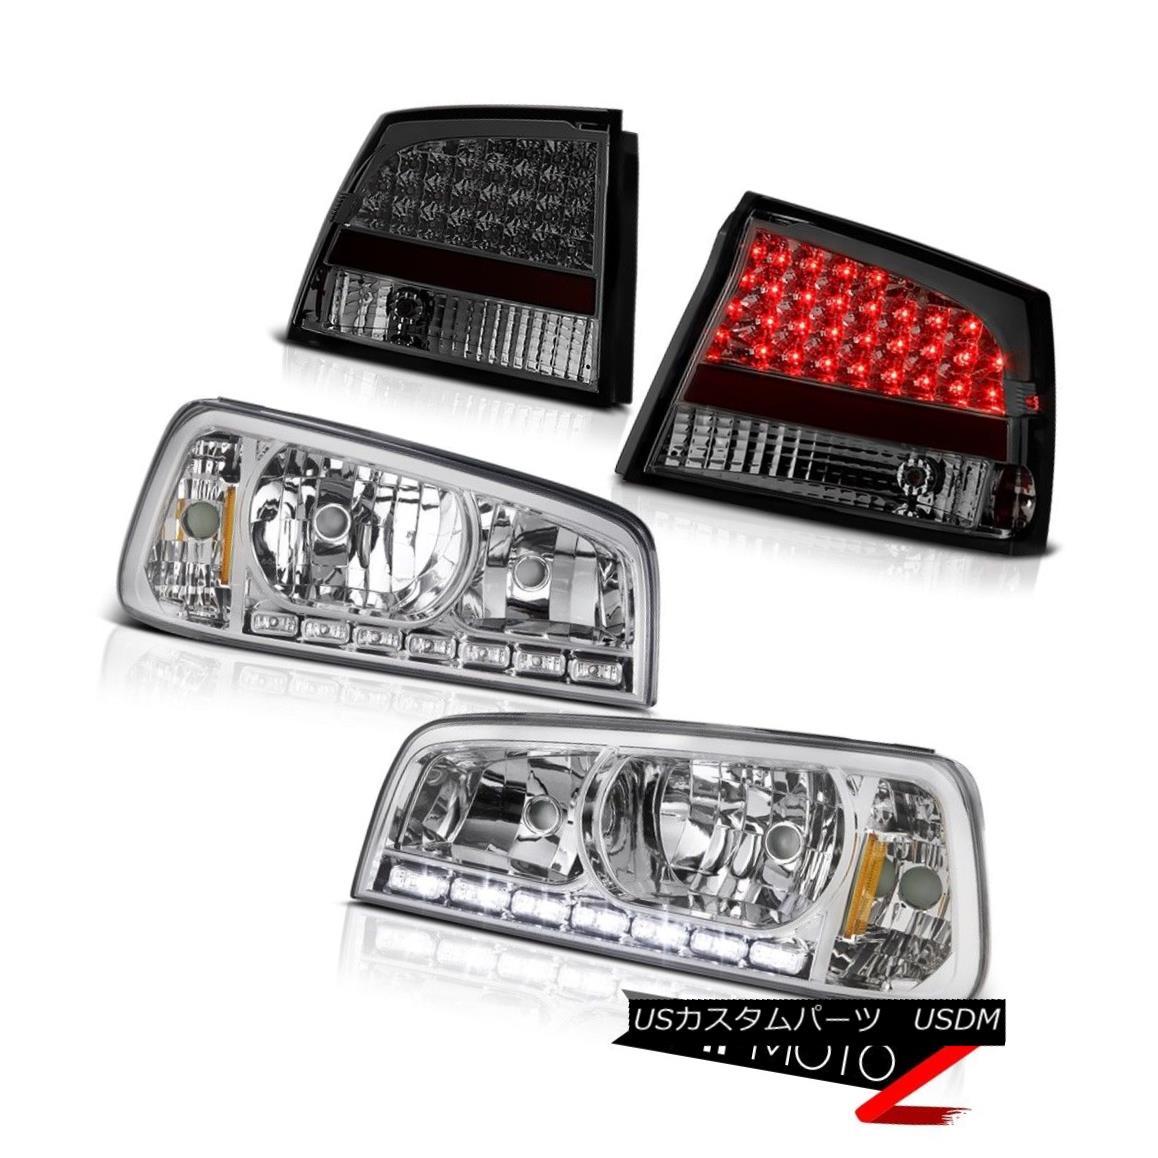 テールライト 09 10 Charger RT 2X Angel Eye Projector Headlights Smoke LED Brake Lamp Lights 09 10充電器RT 2XエンジェルアイプロジェクターヘッドライトスモークLEDブレーキランプライト